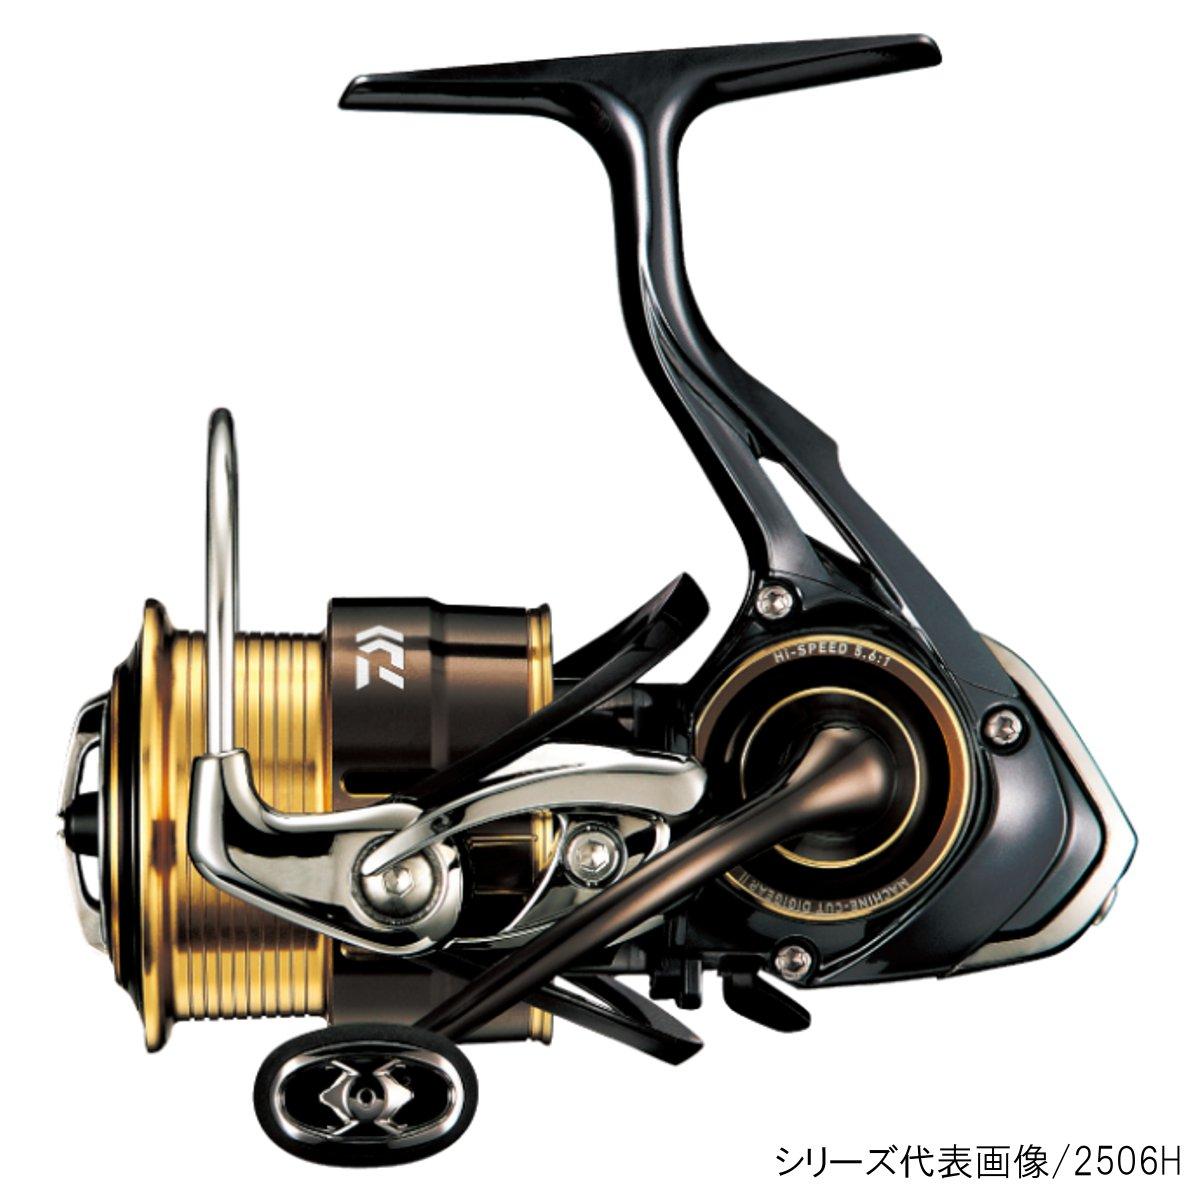 ダイワ セオリー 2506(東日本店)